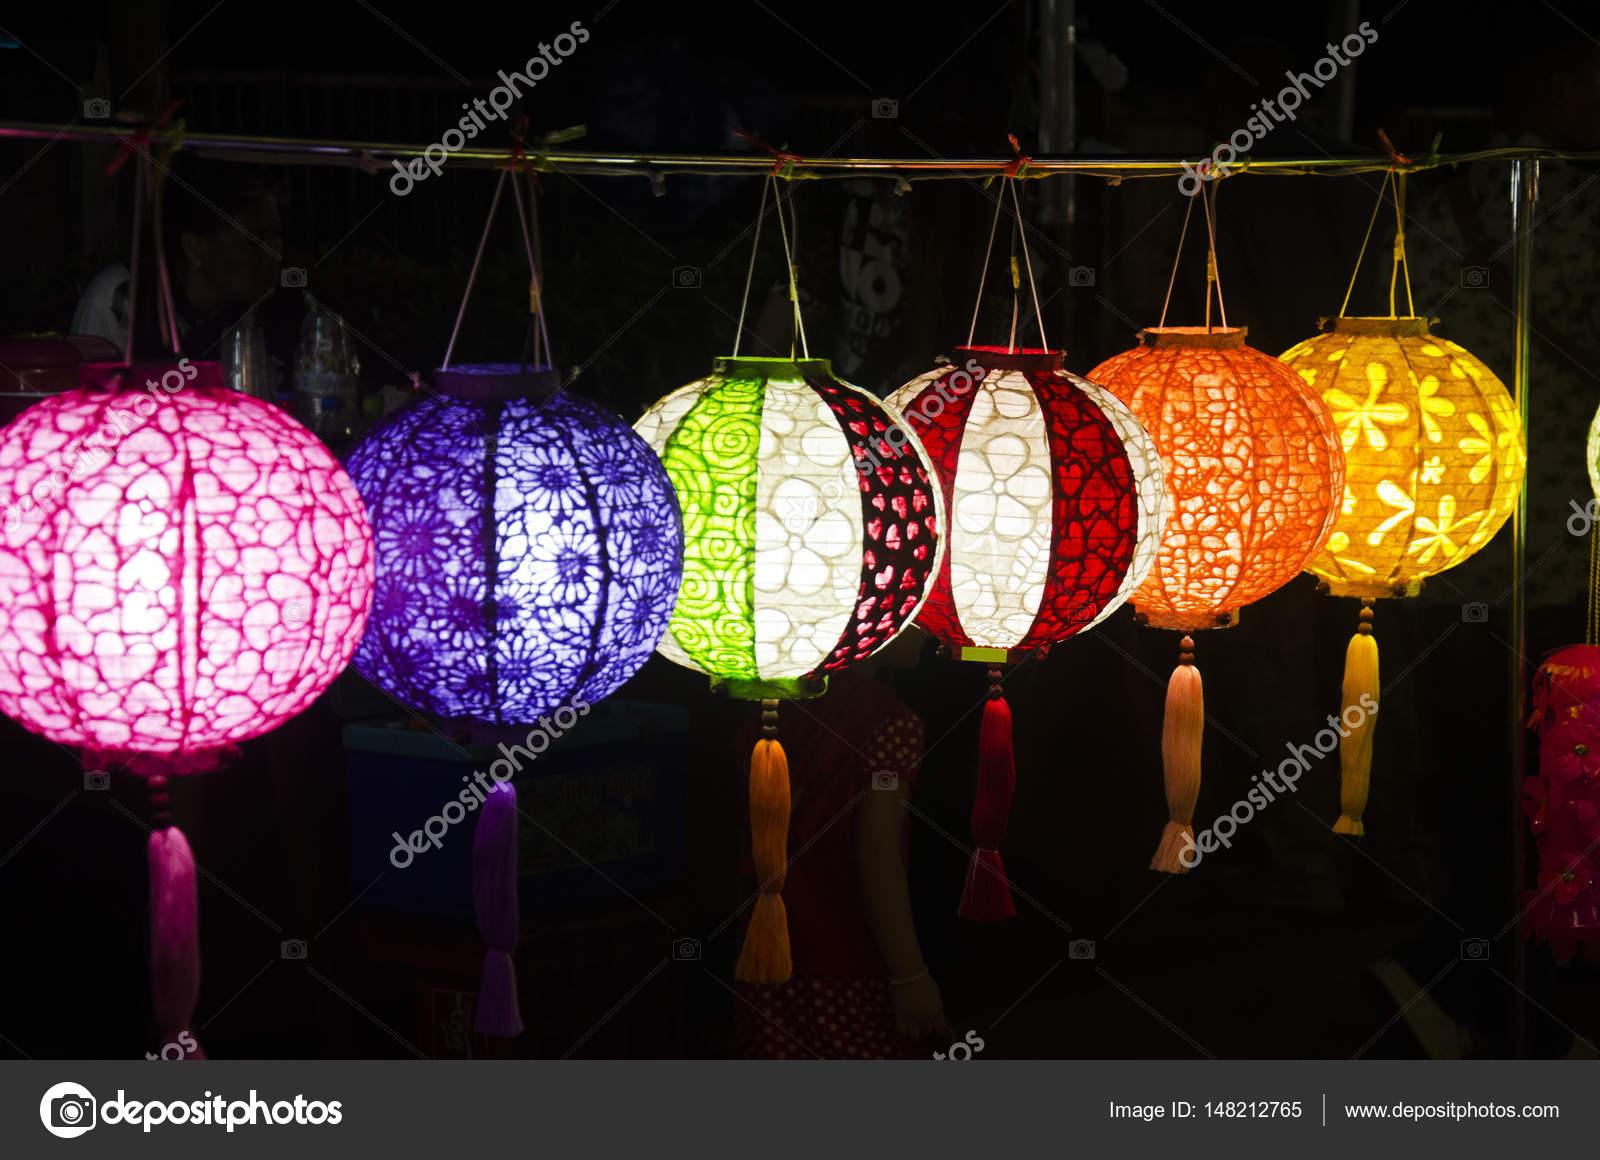 Lanterna Illuminazione : Appeso varietà di carta colorata lampada e lanterna illuminazione